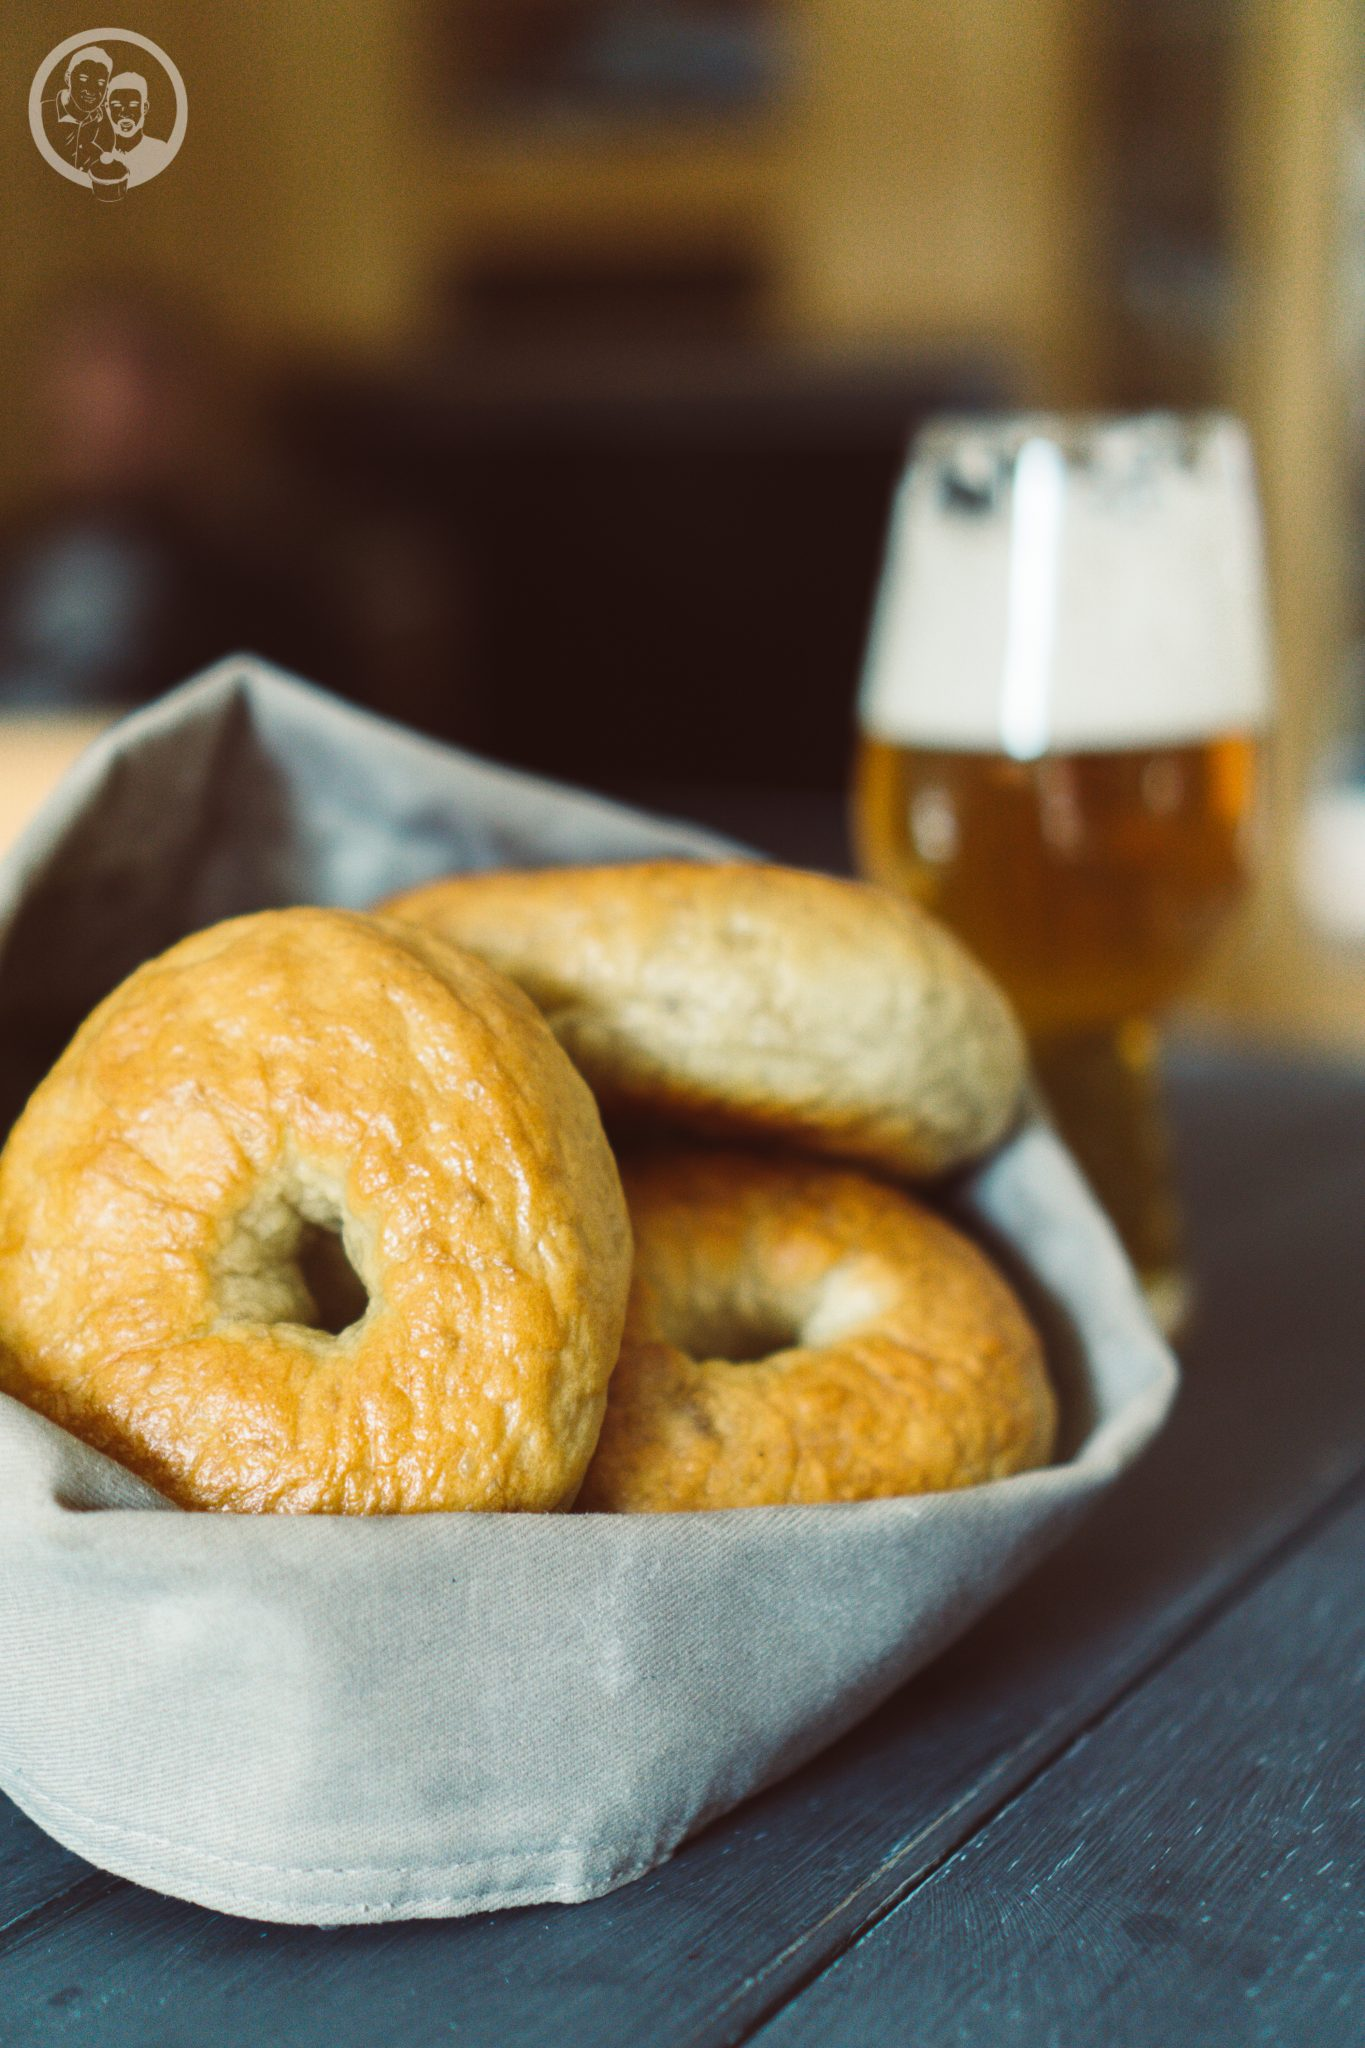 Bagel, Korb und Bier